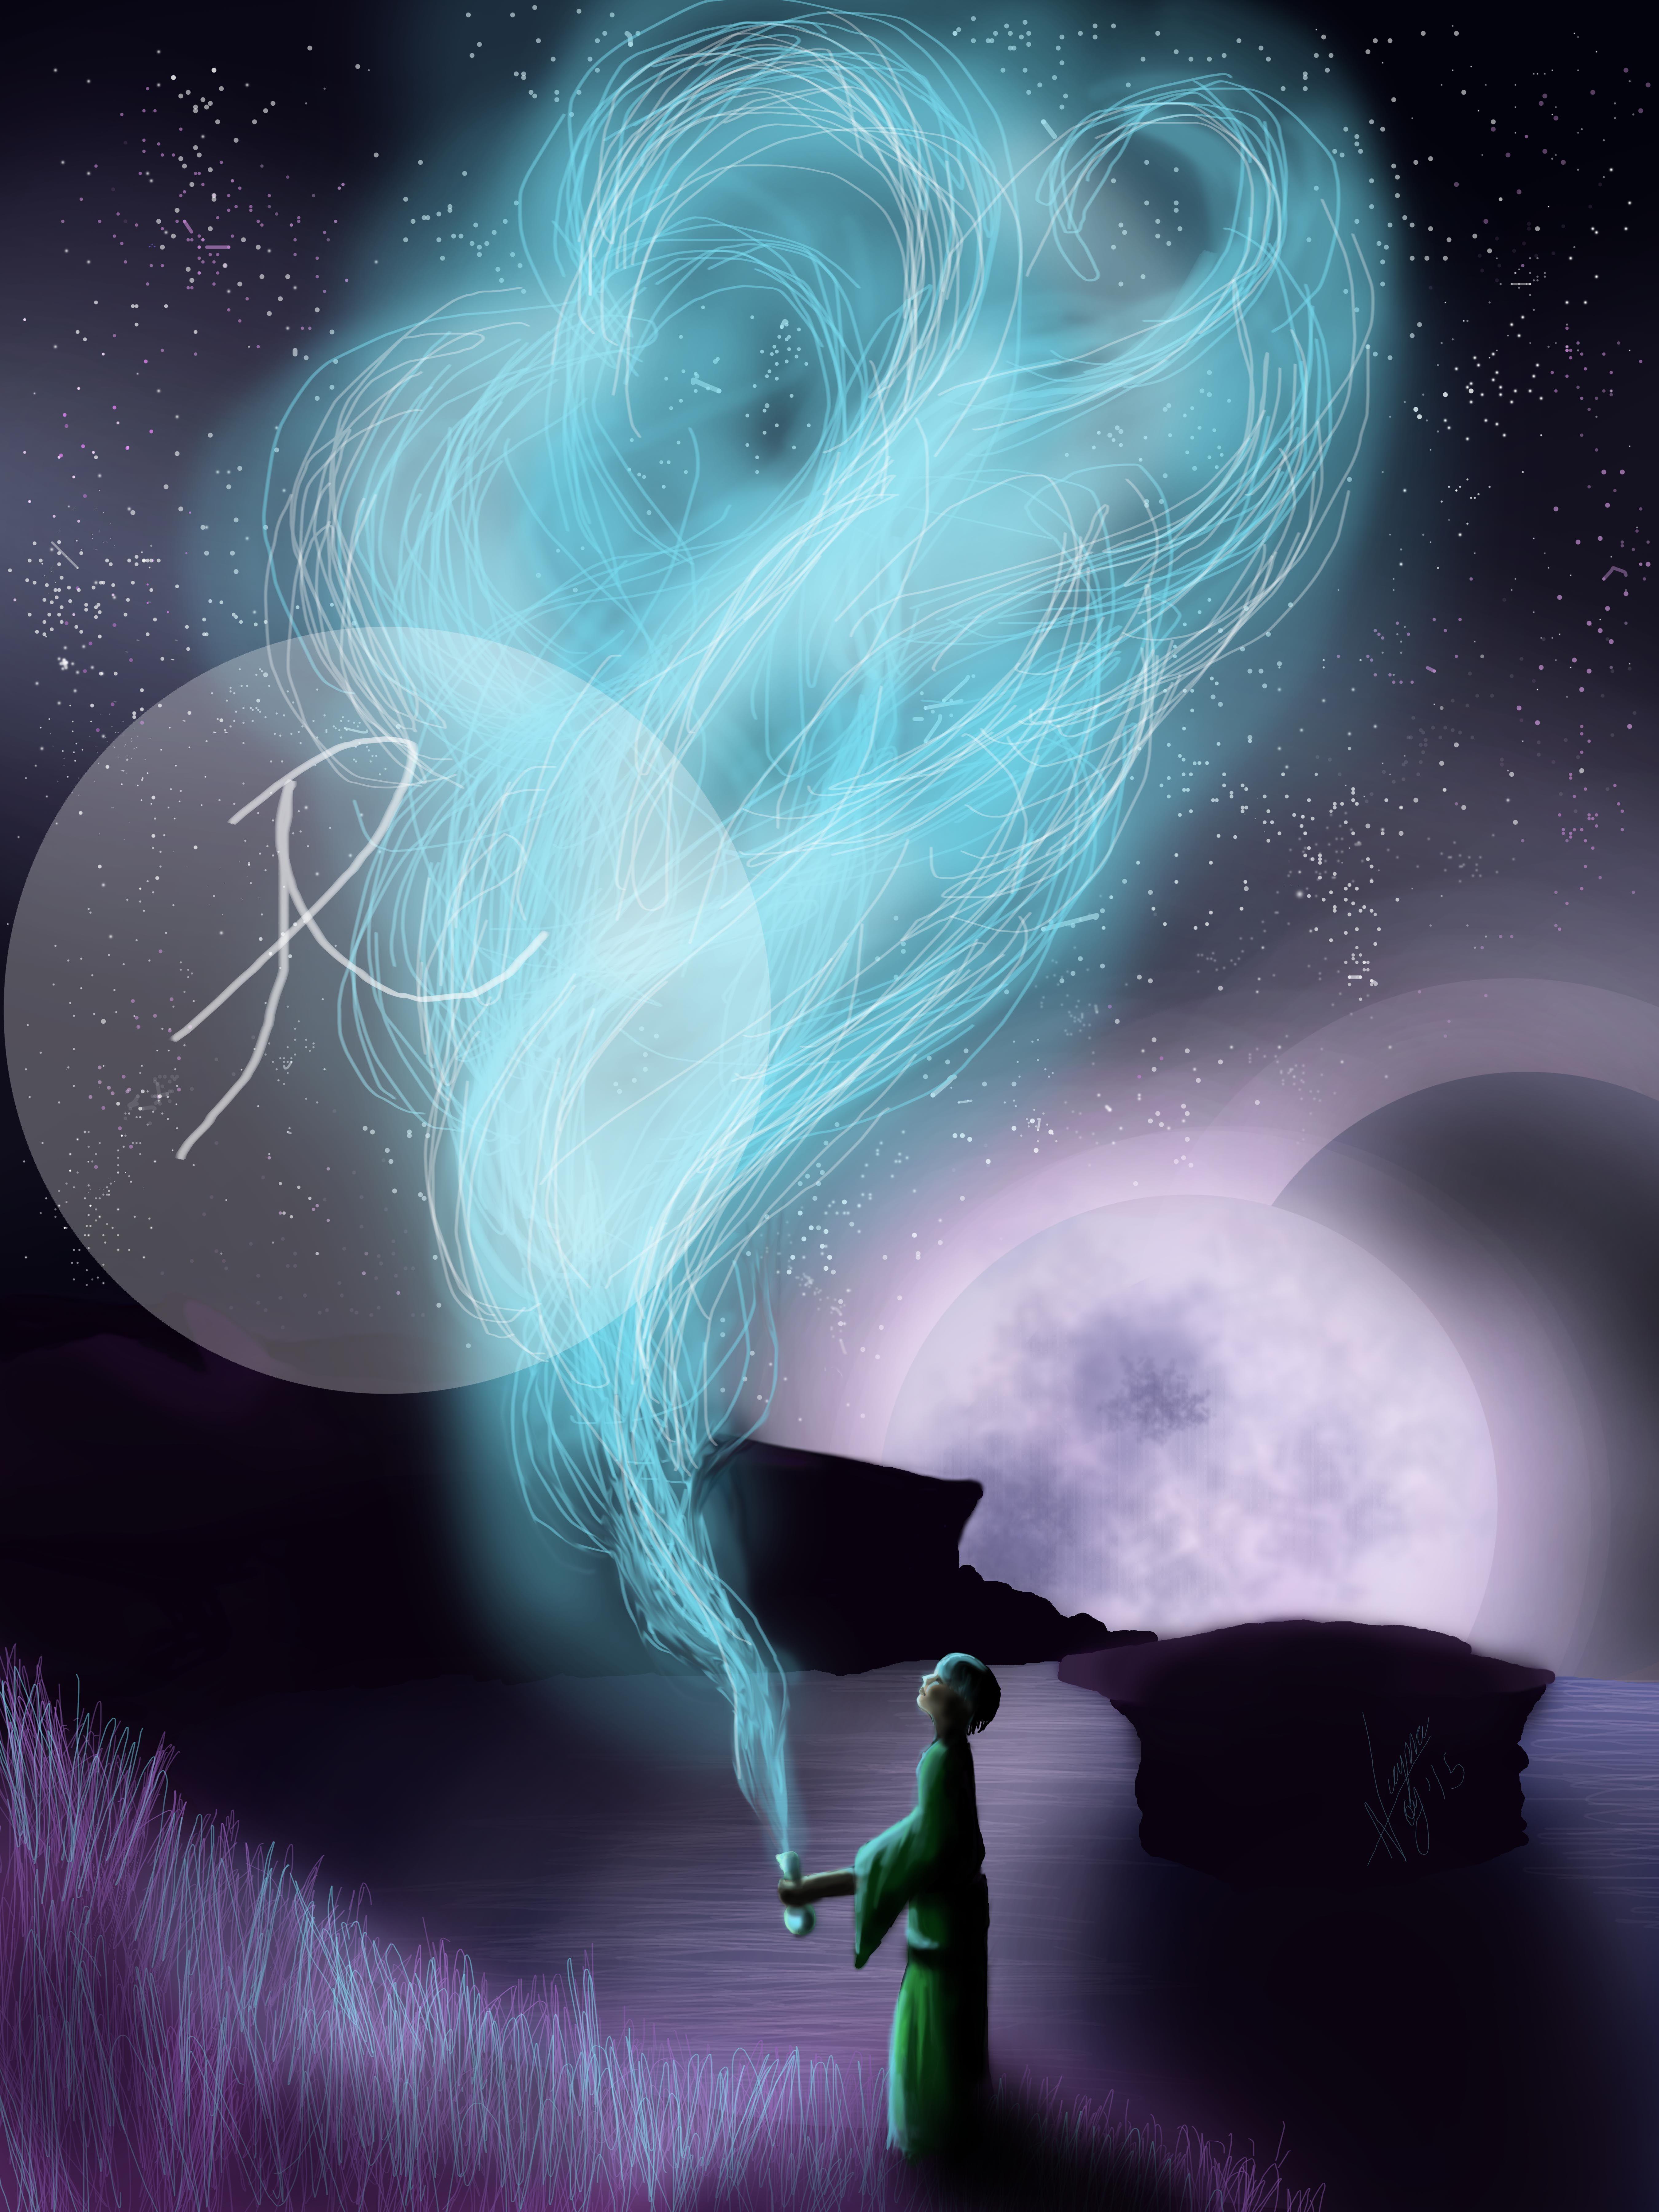 Fantasyscape